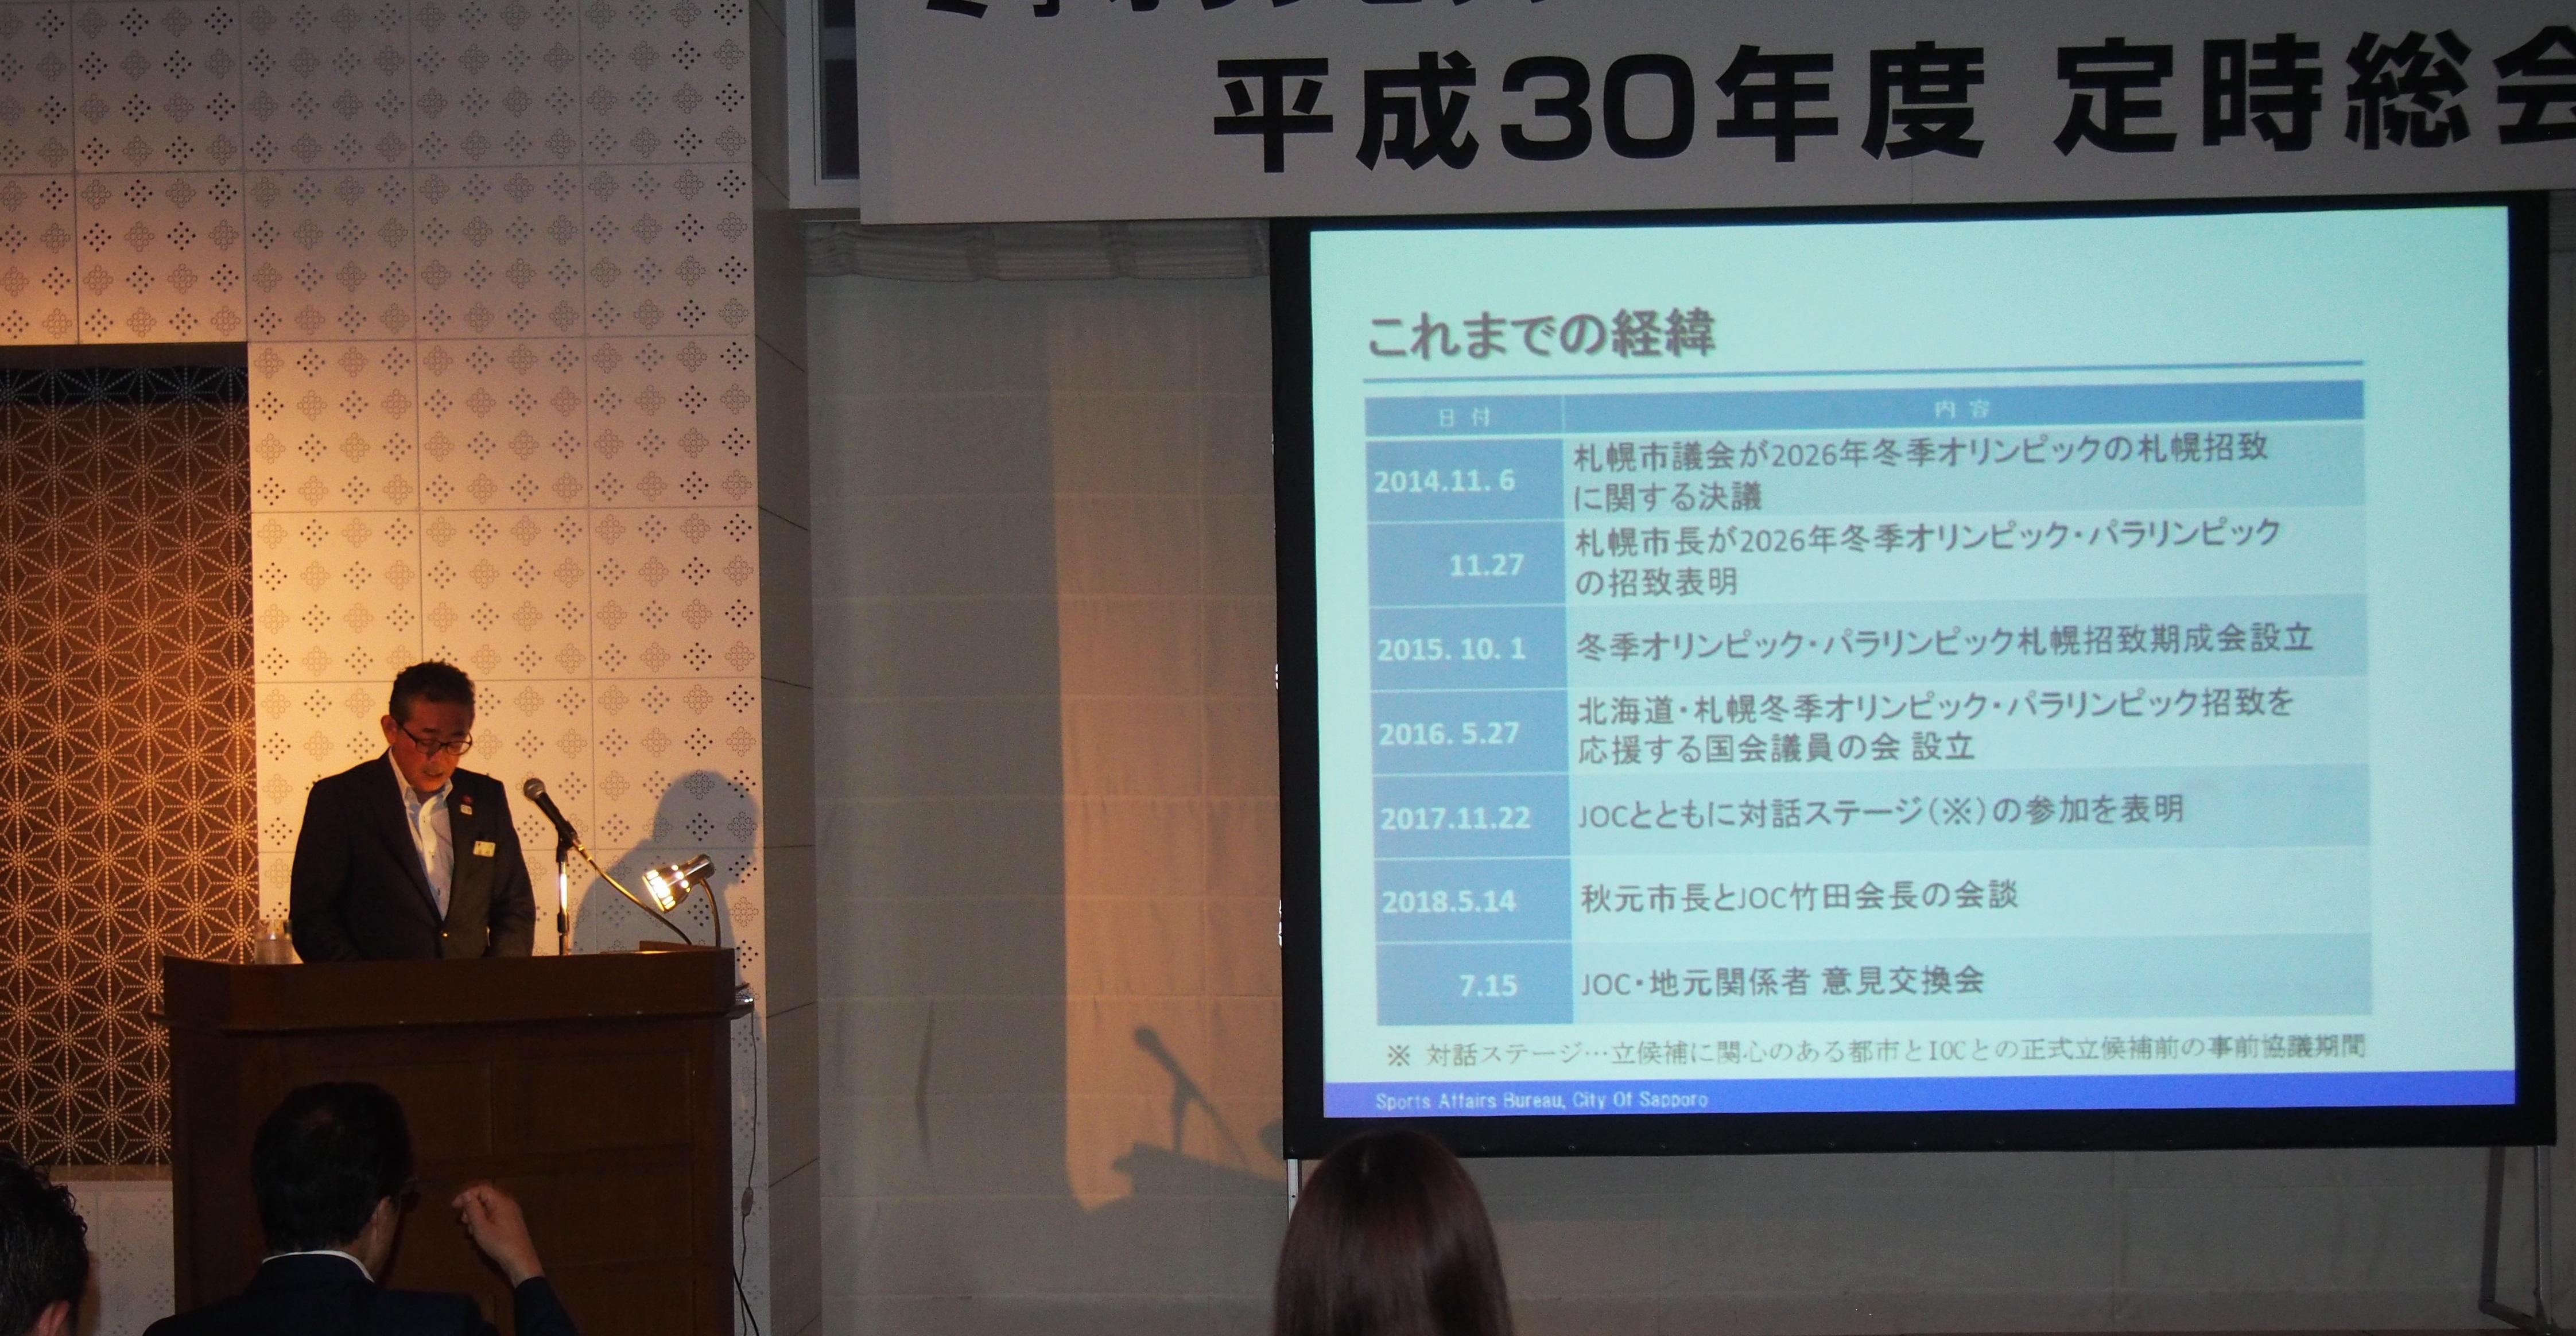 180727石川局長情報提供.JPG